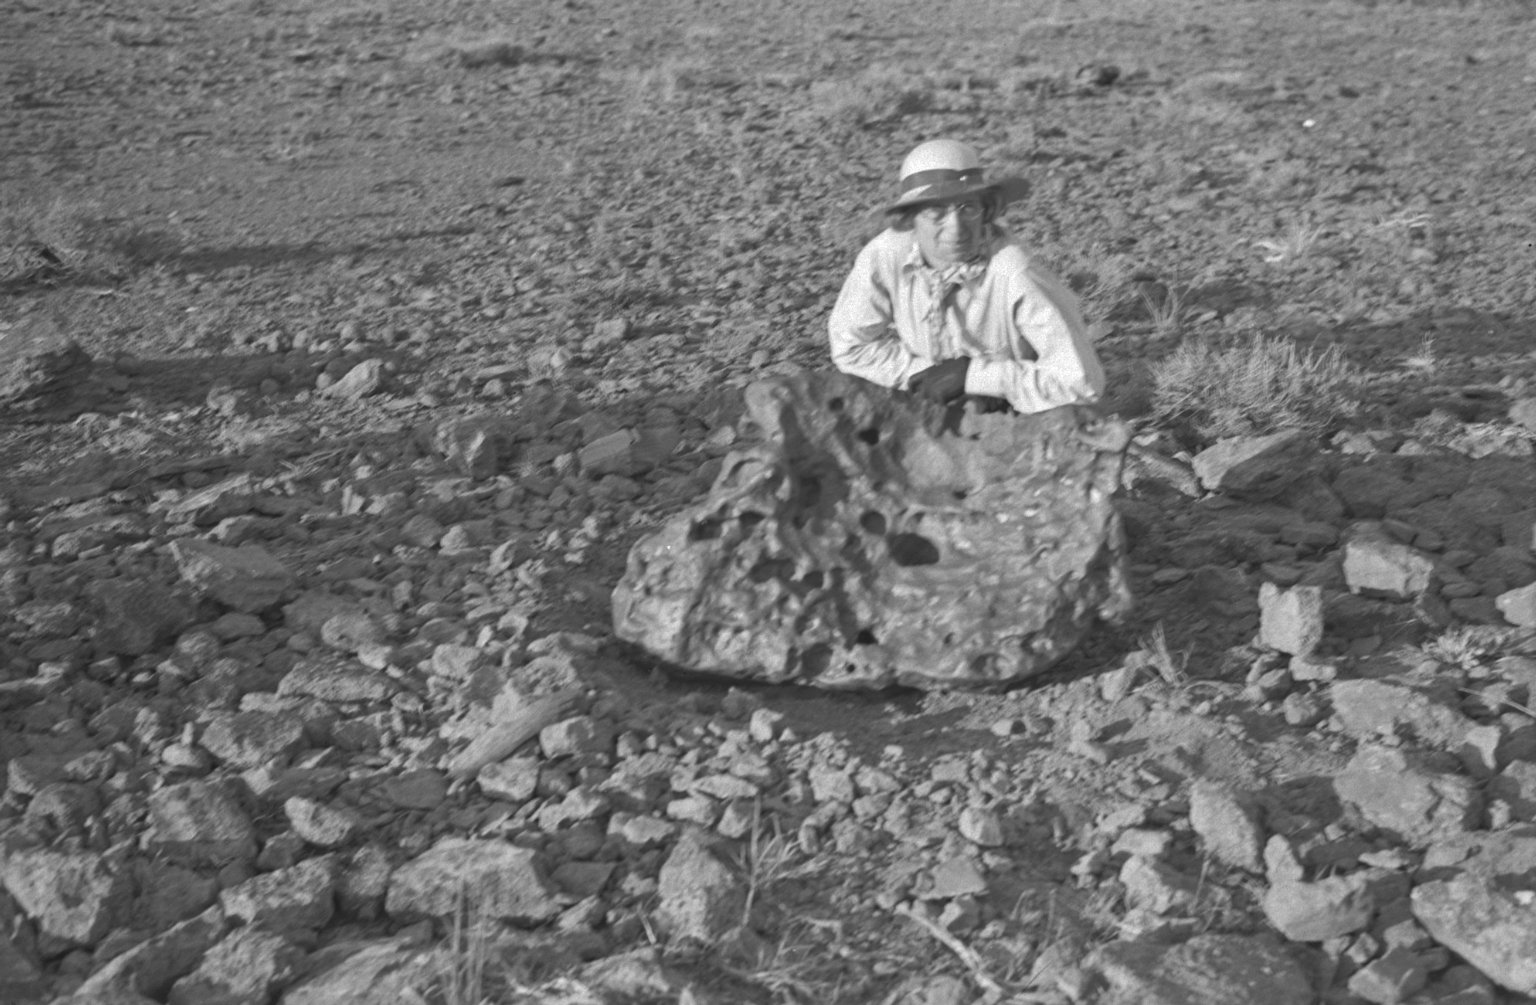 Addie Nininger with meteorite in situ